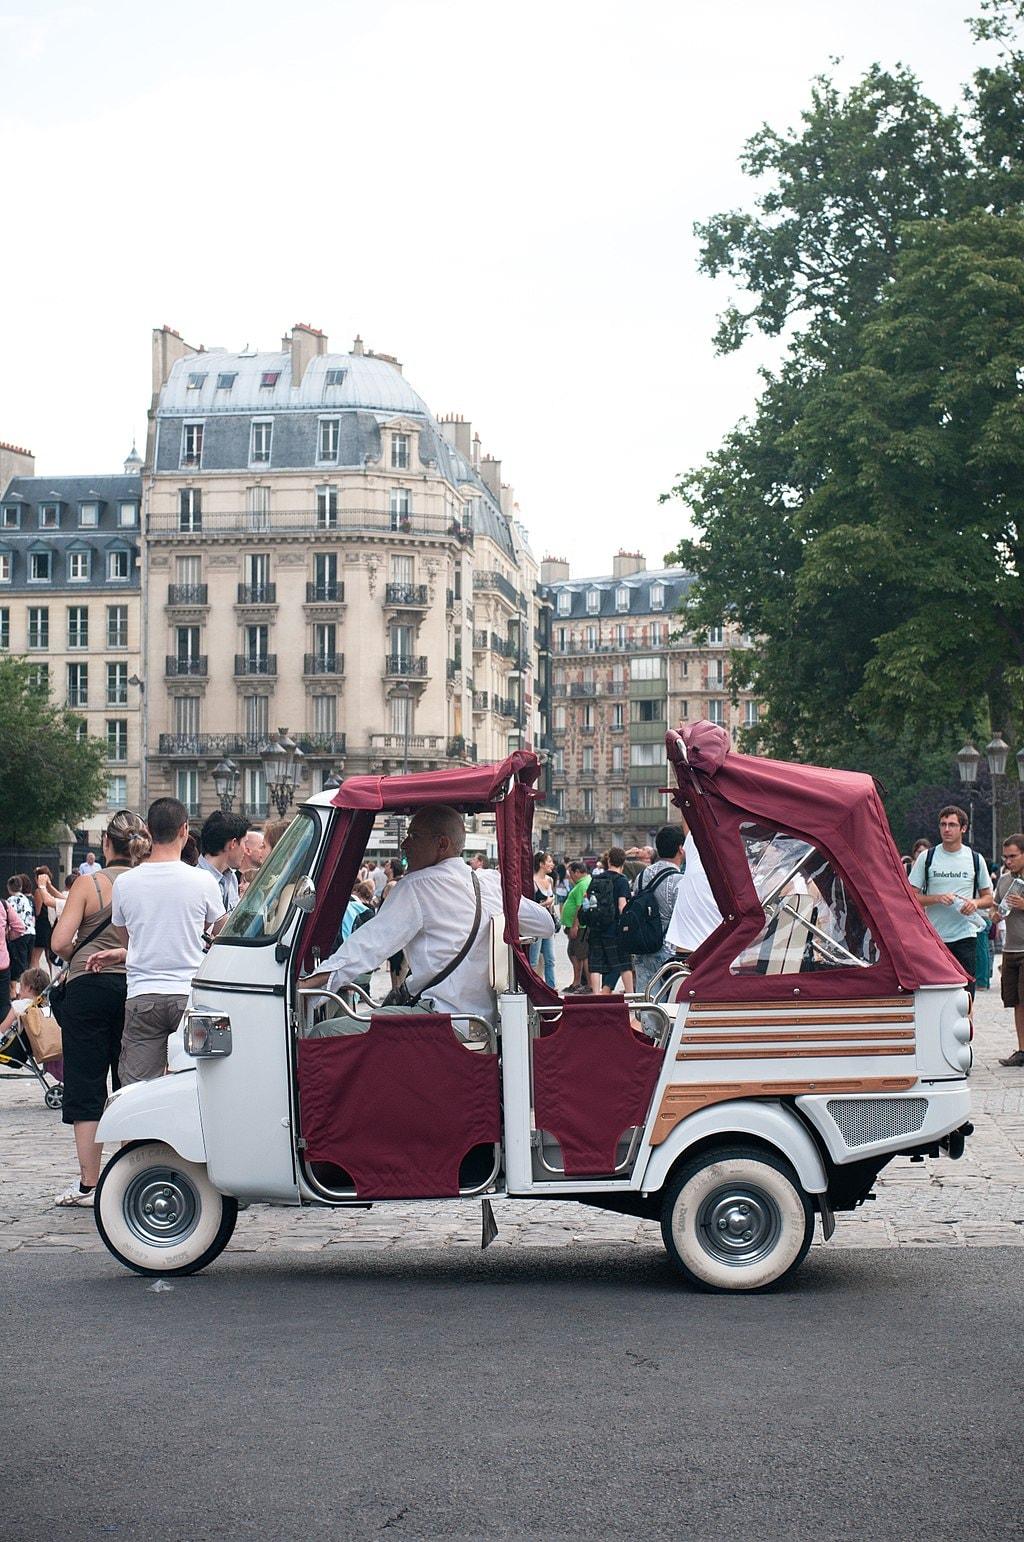 1024px-France_Parisienne_Tuk_Tuk_Auto-rickshaw_July_2010